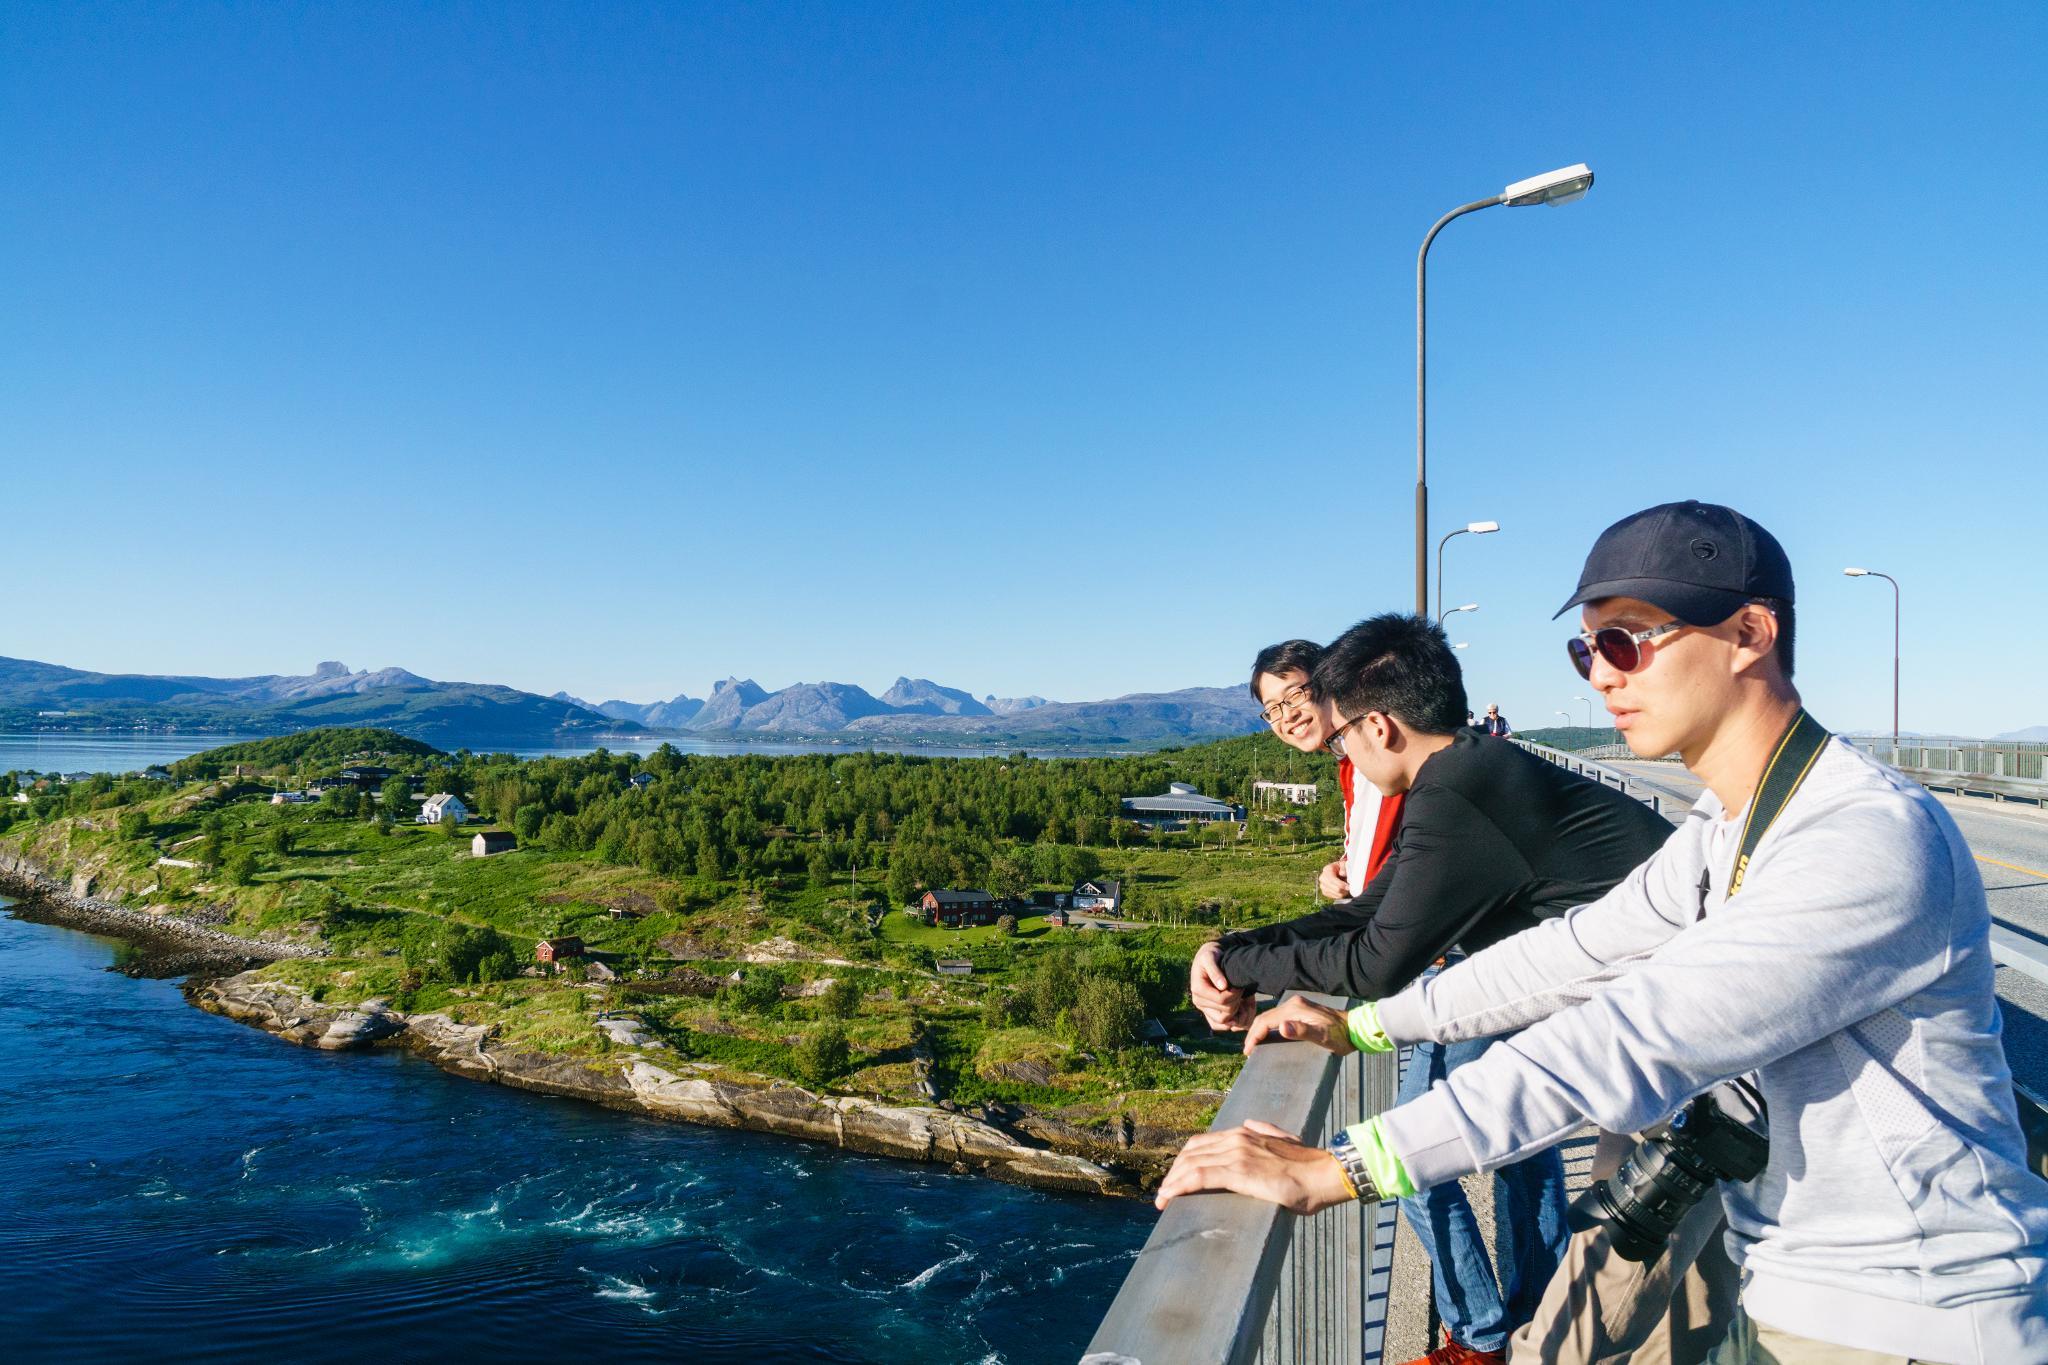 【北歐景點】來挪威看世界最強的潮汐流 - Saltstraumen 漩渦 11